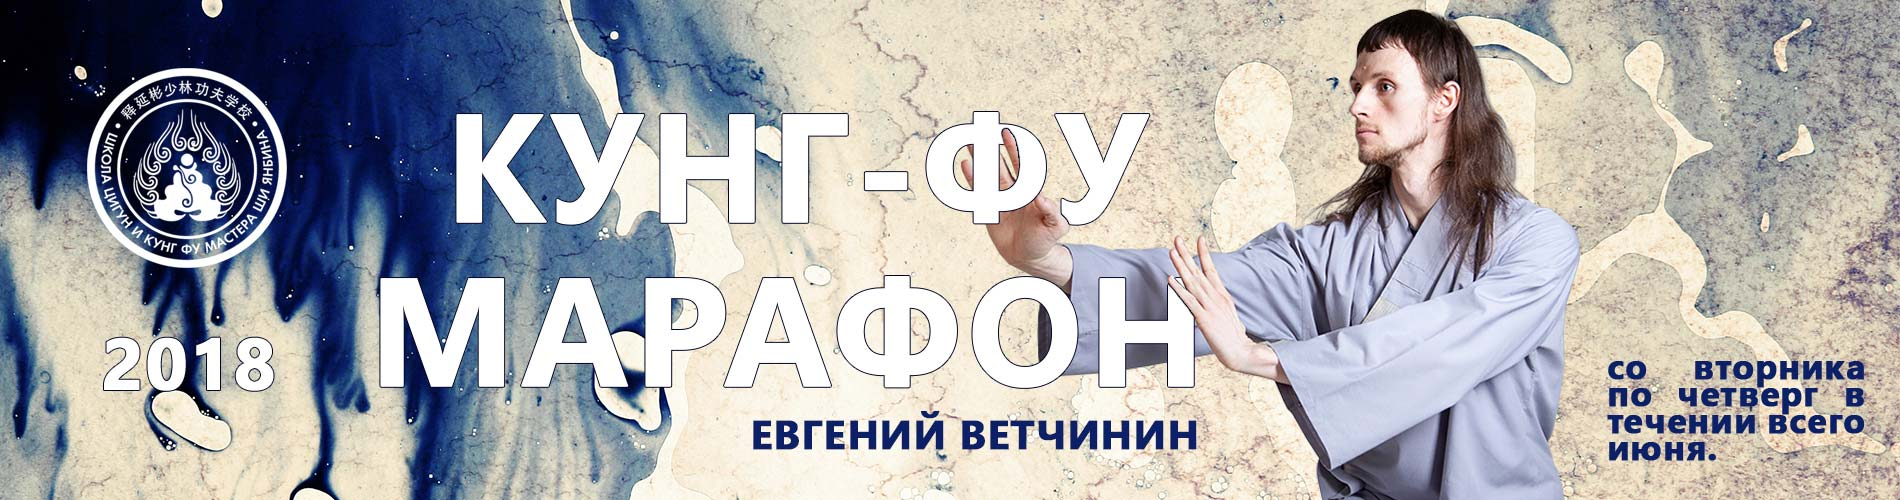 Кунг-фу марафон для детей с Евгением Ветчининым